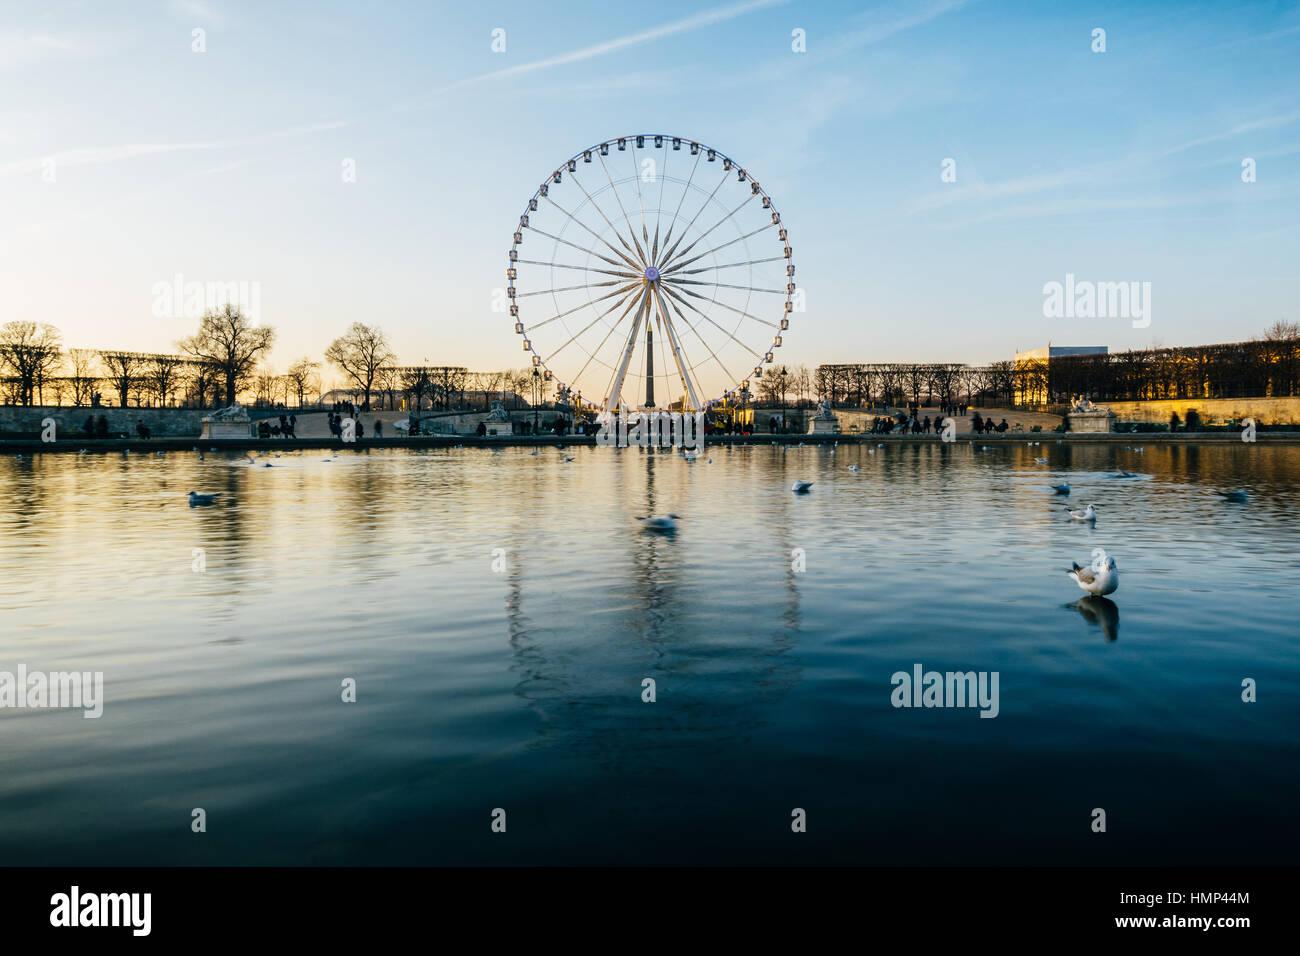 La grande roue sur la place de la Concorde se reflète sur la surface de l'eau de l'étang dans le jardin des Tuileries, Banque D'Images